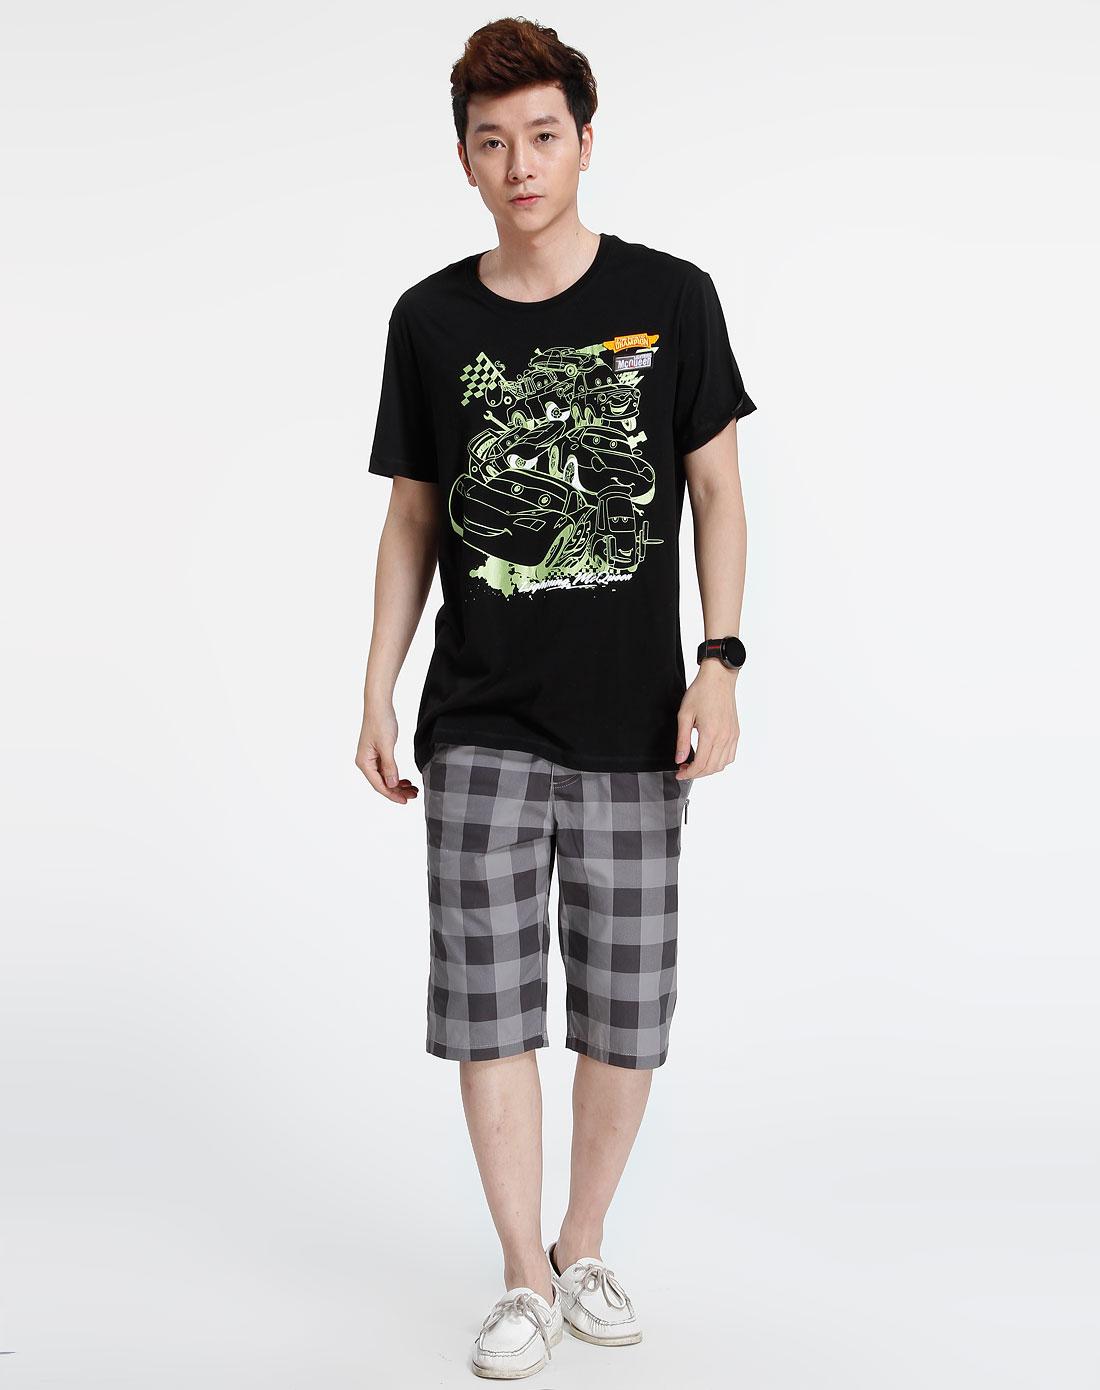 森马-男装黑色短袖时尚t恤002151039-900图片